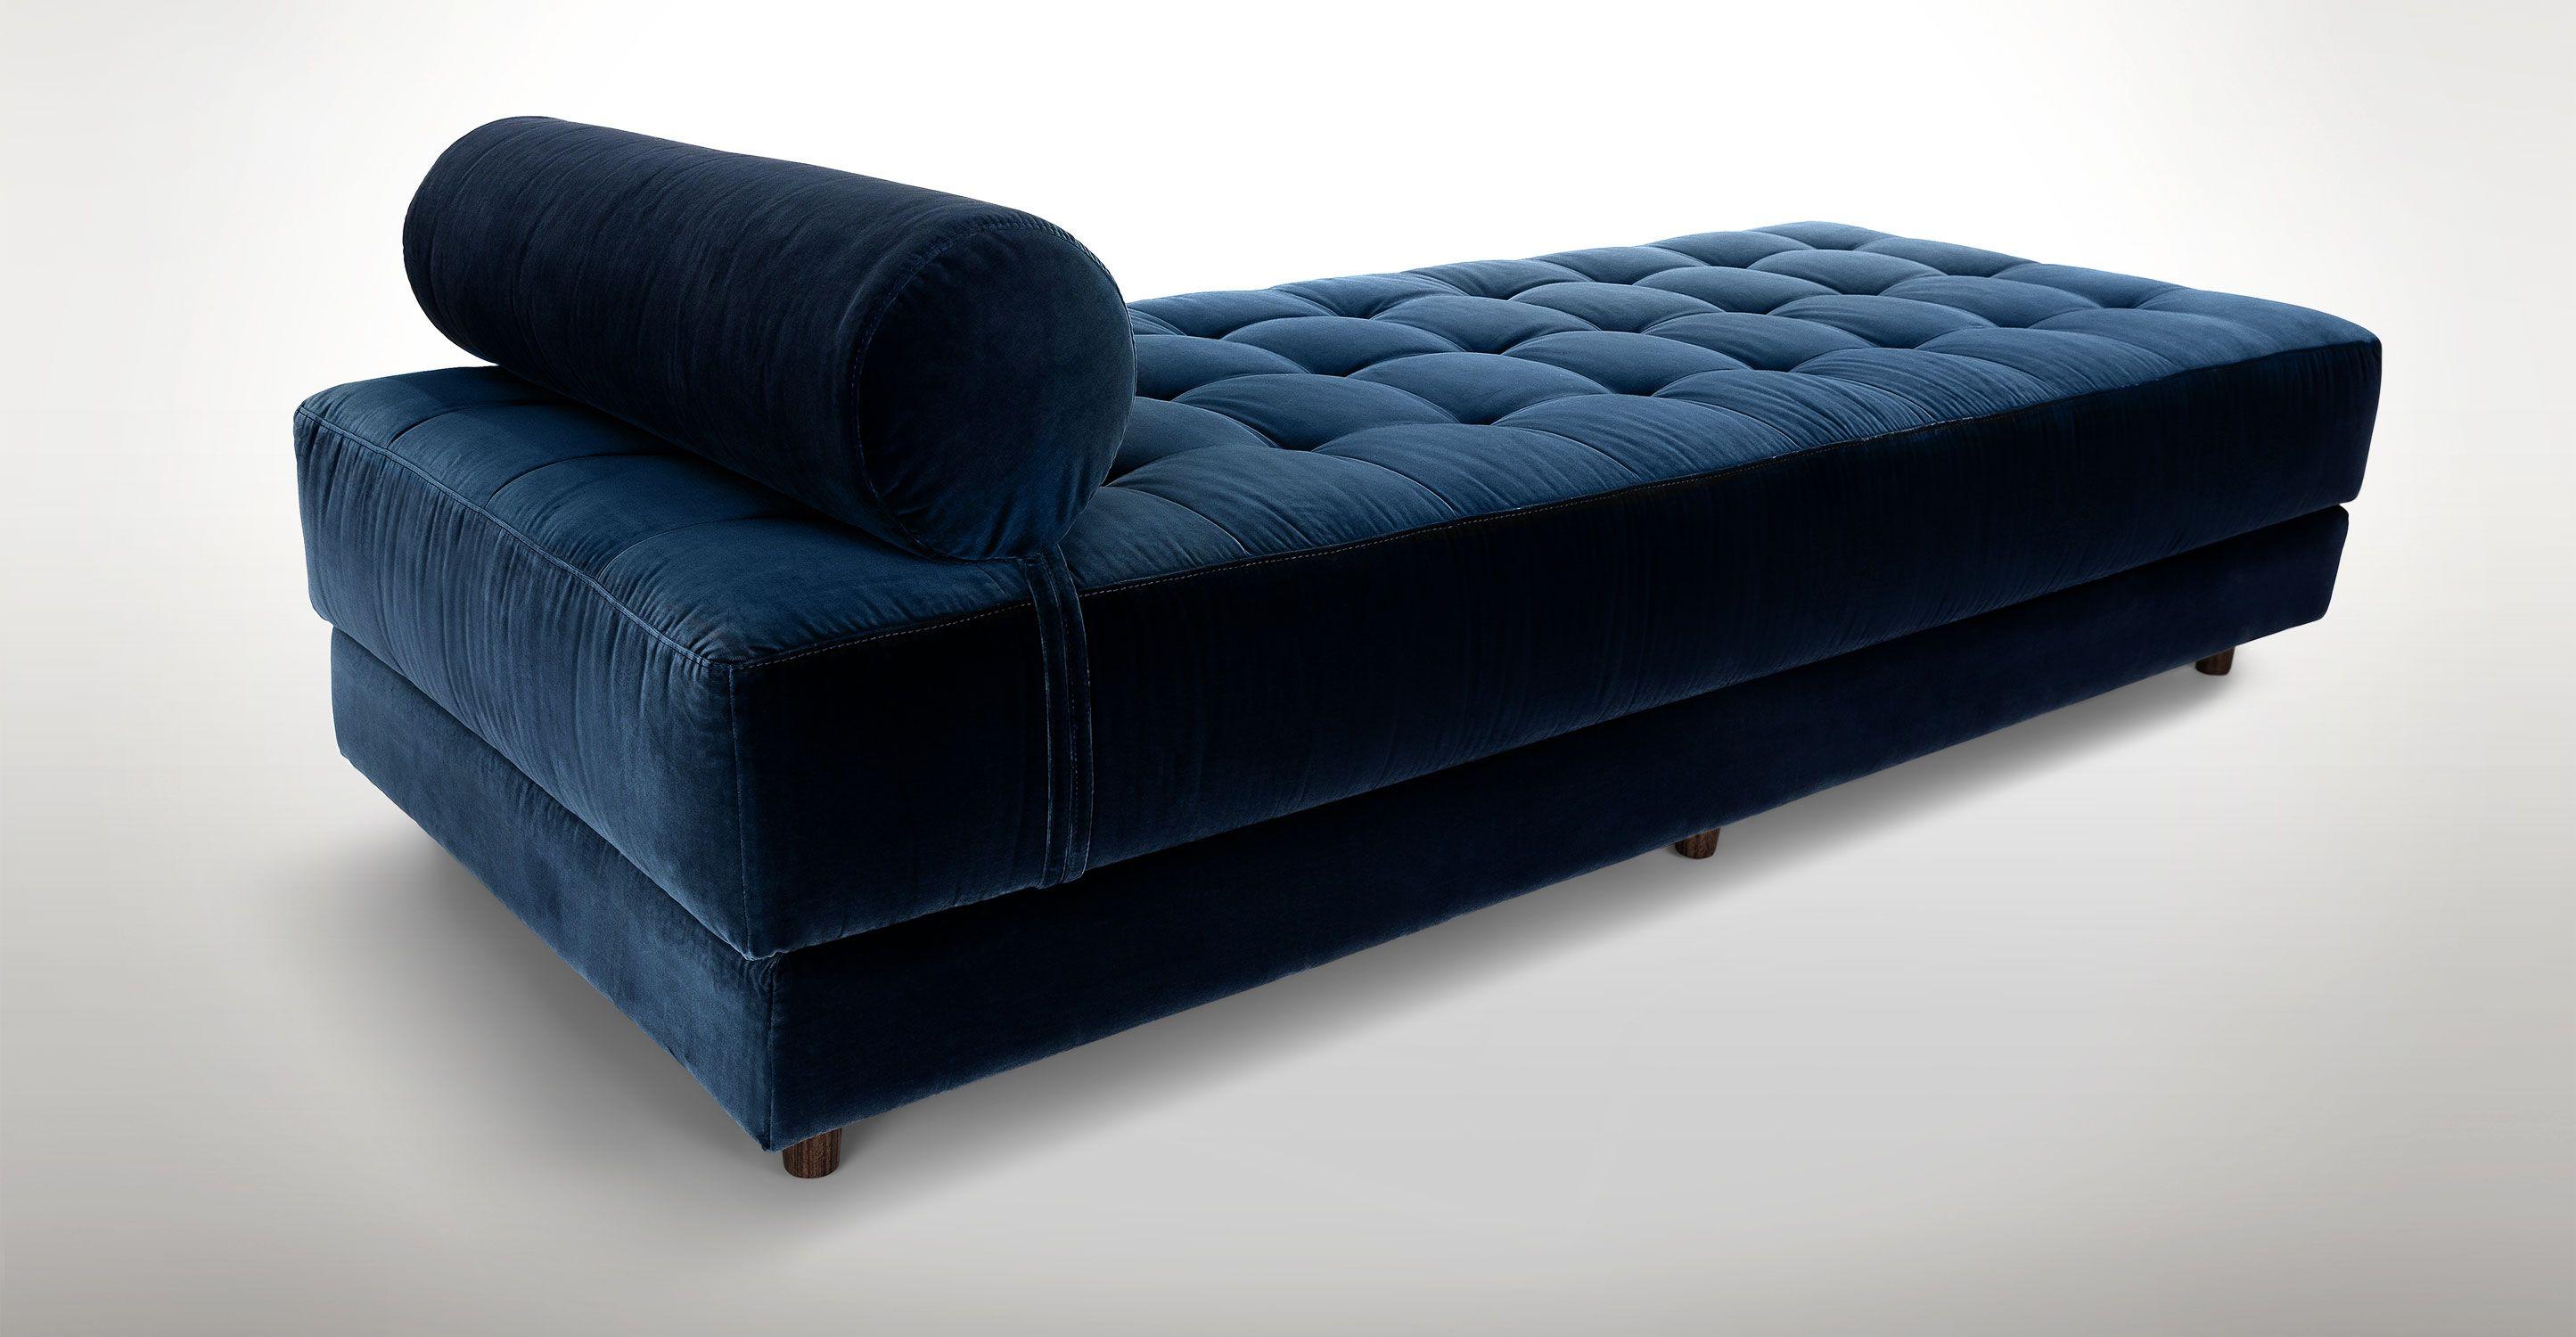 Blue Velvet Tufted Daybed - Article Sven Modern Bedroom Furniture ...